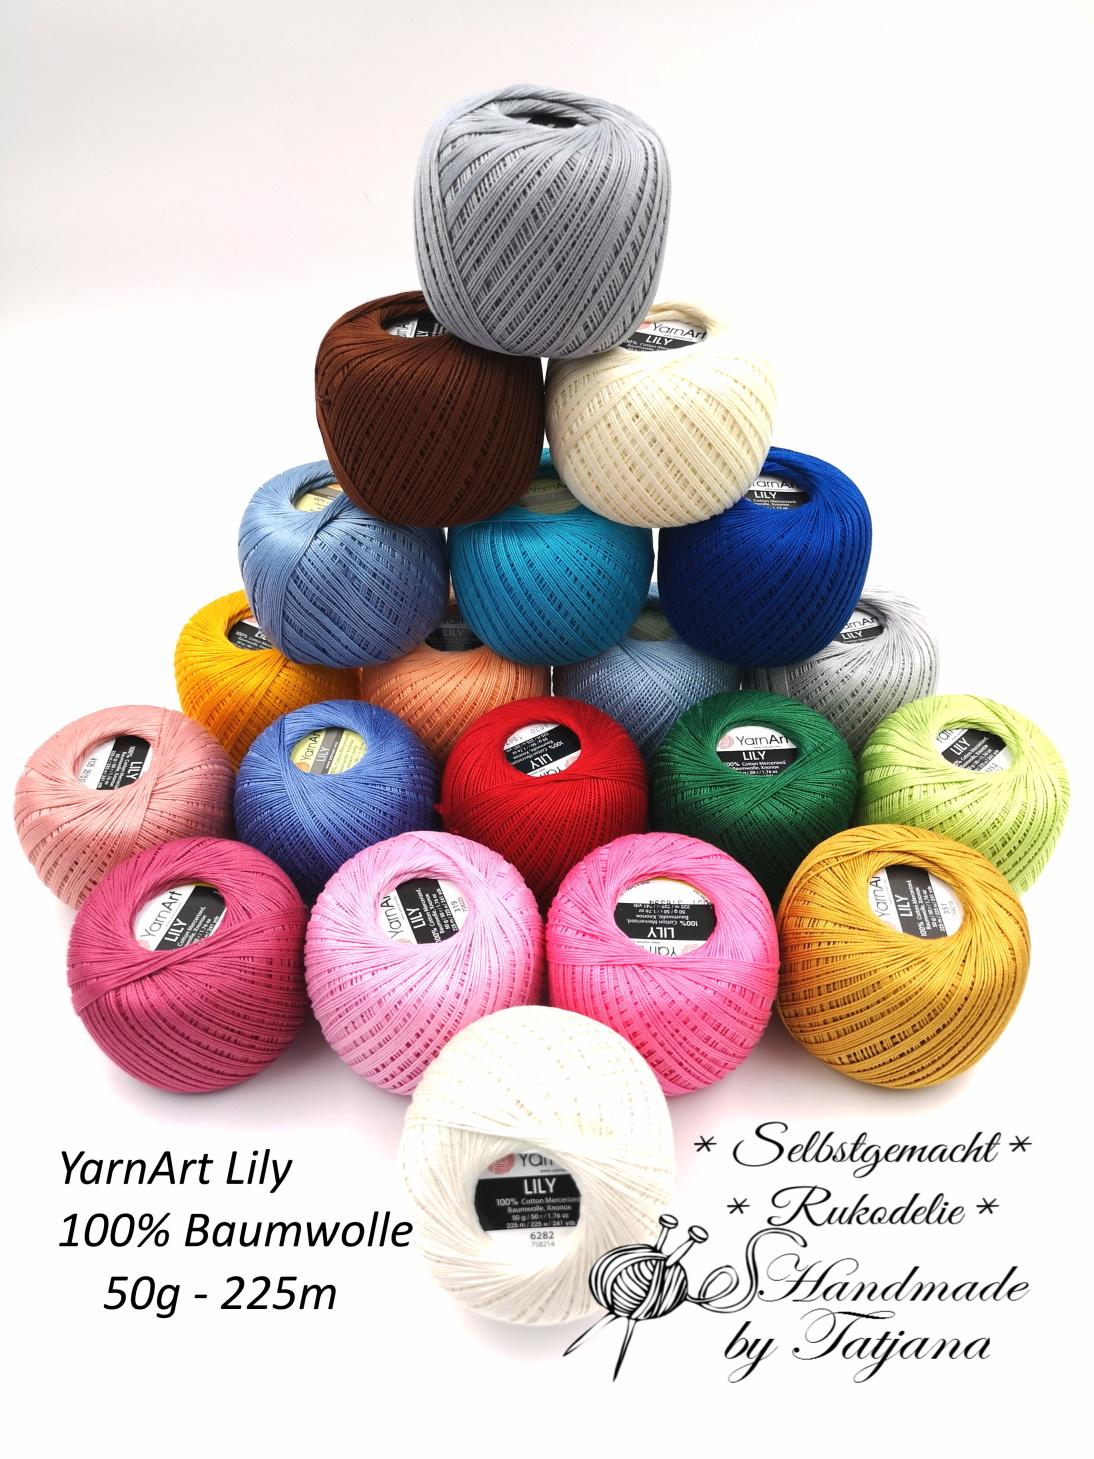 YarnArt Lily 100%Baumwolle 50g/225m neu im Shop